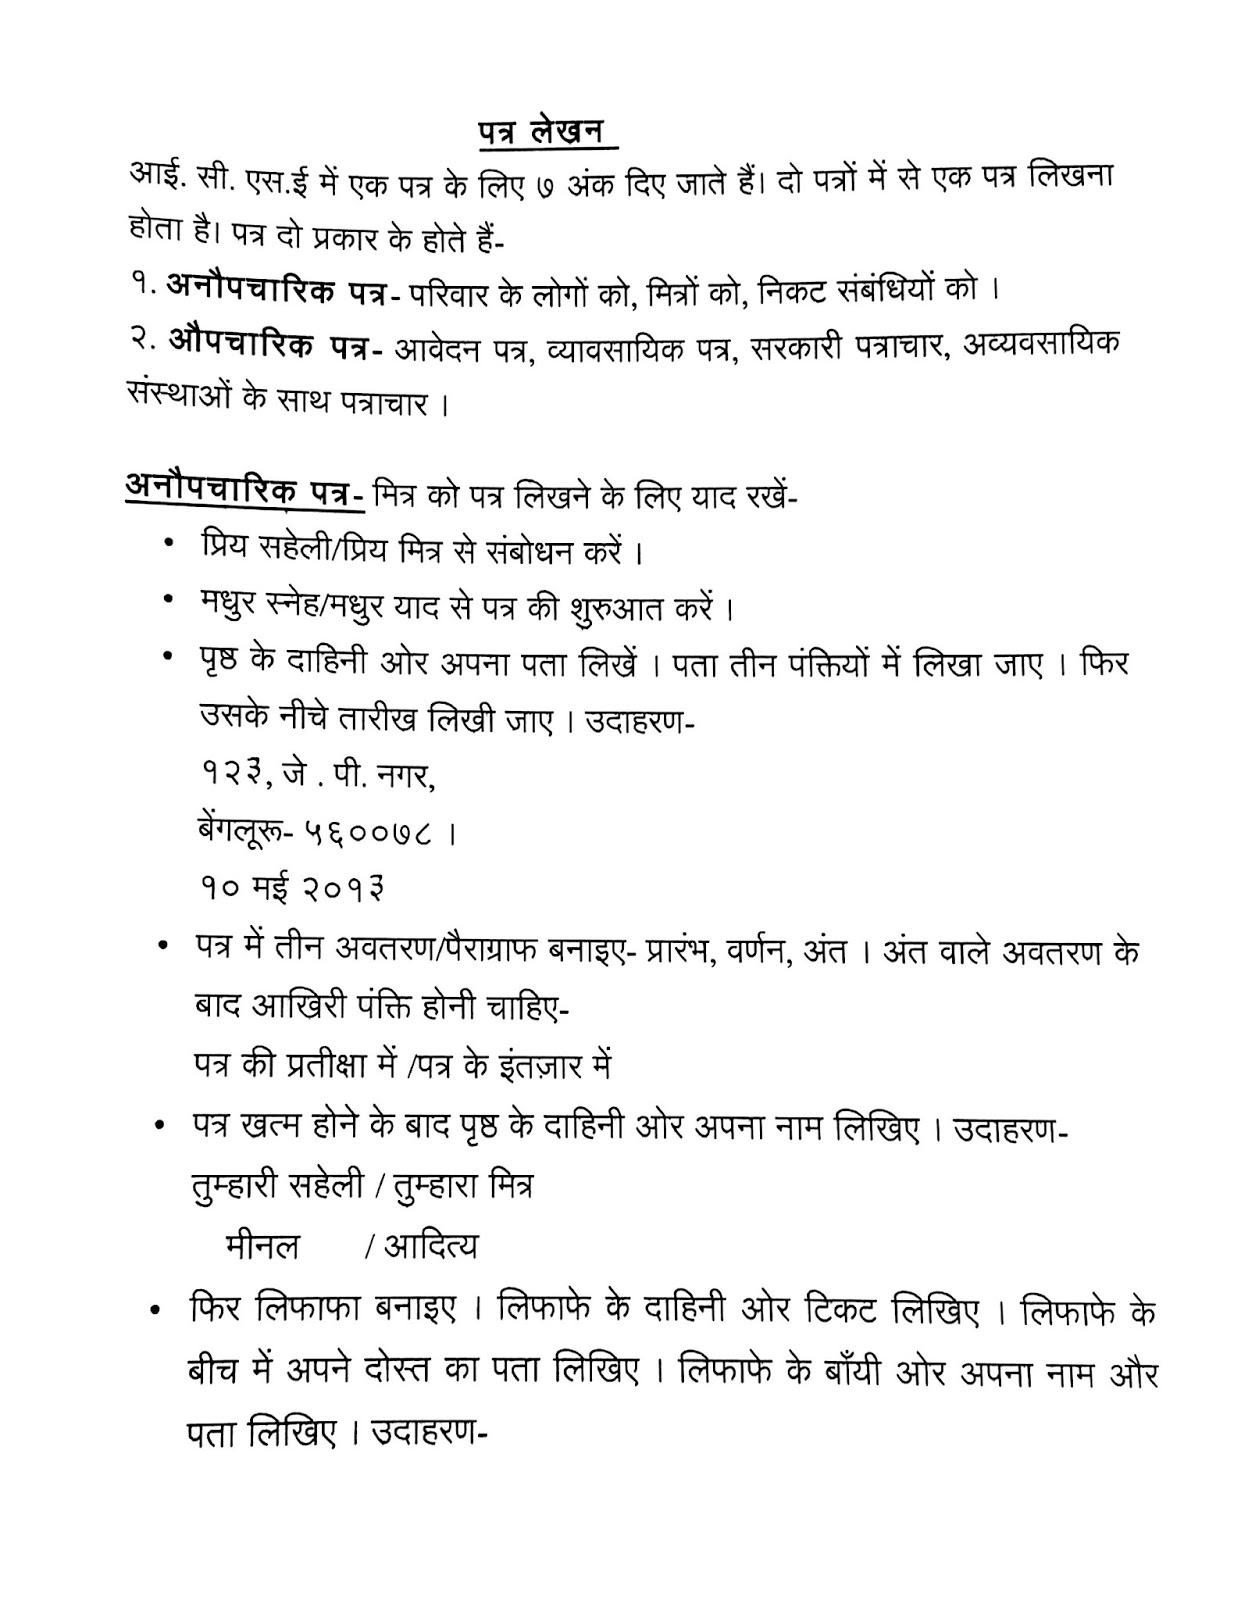 hight resolution of Jumbled Sentences Cbse Class 8 - Rajasthan Board e